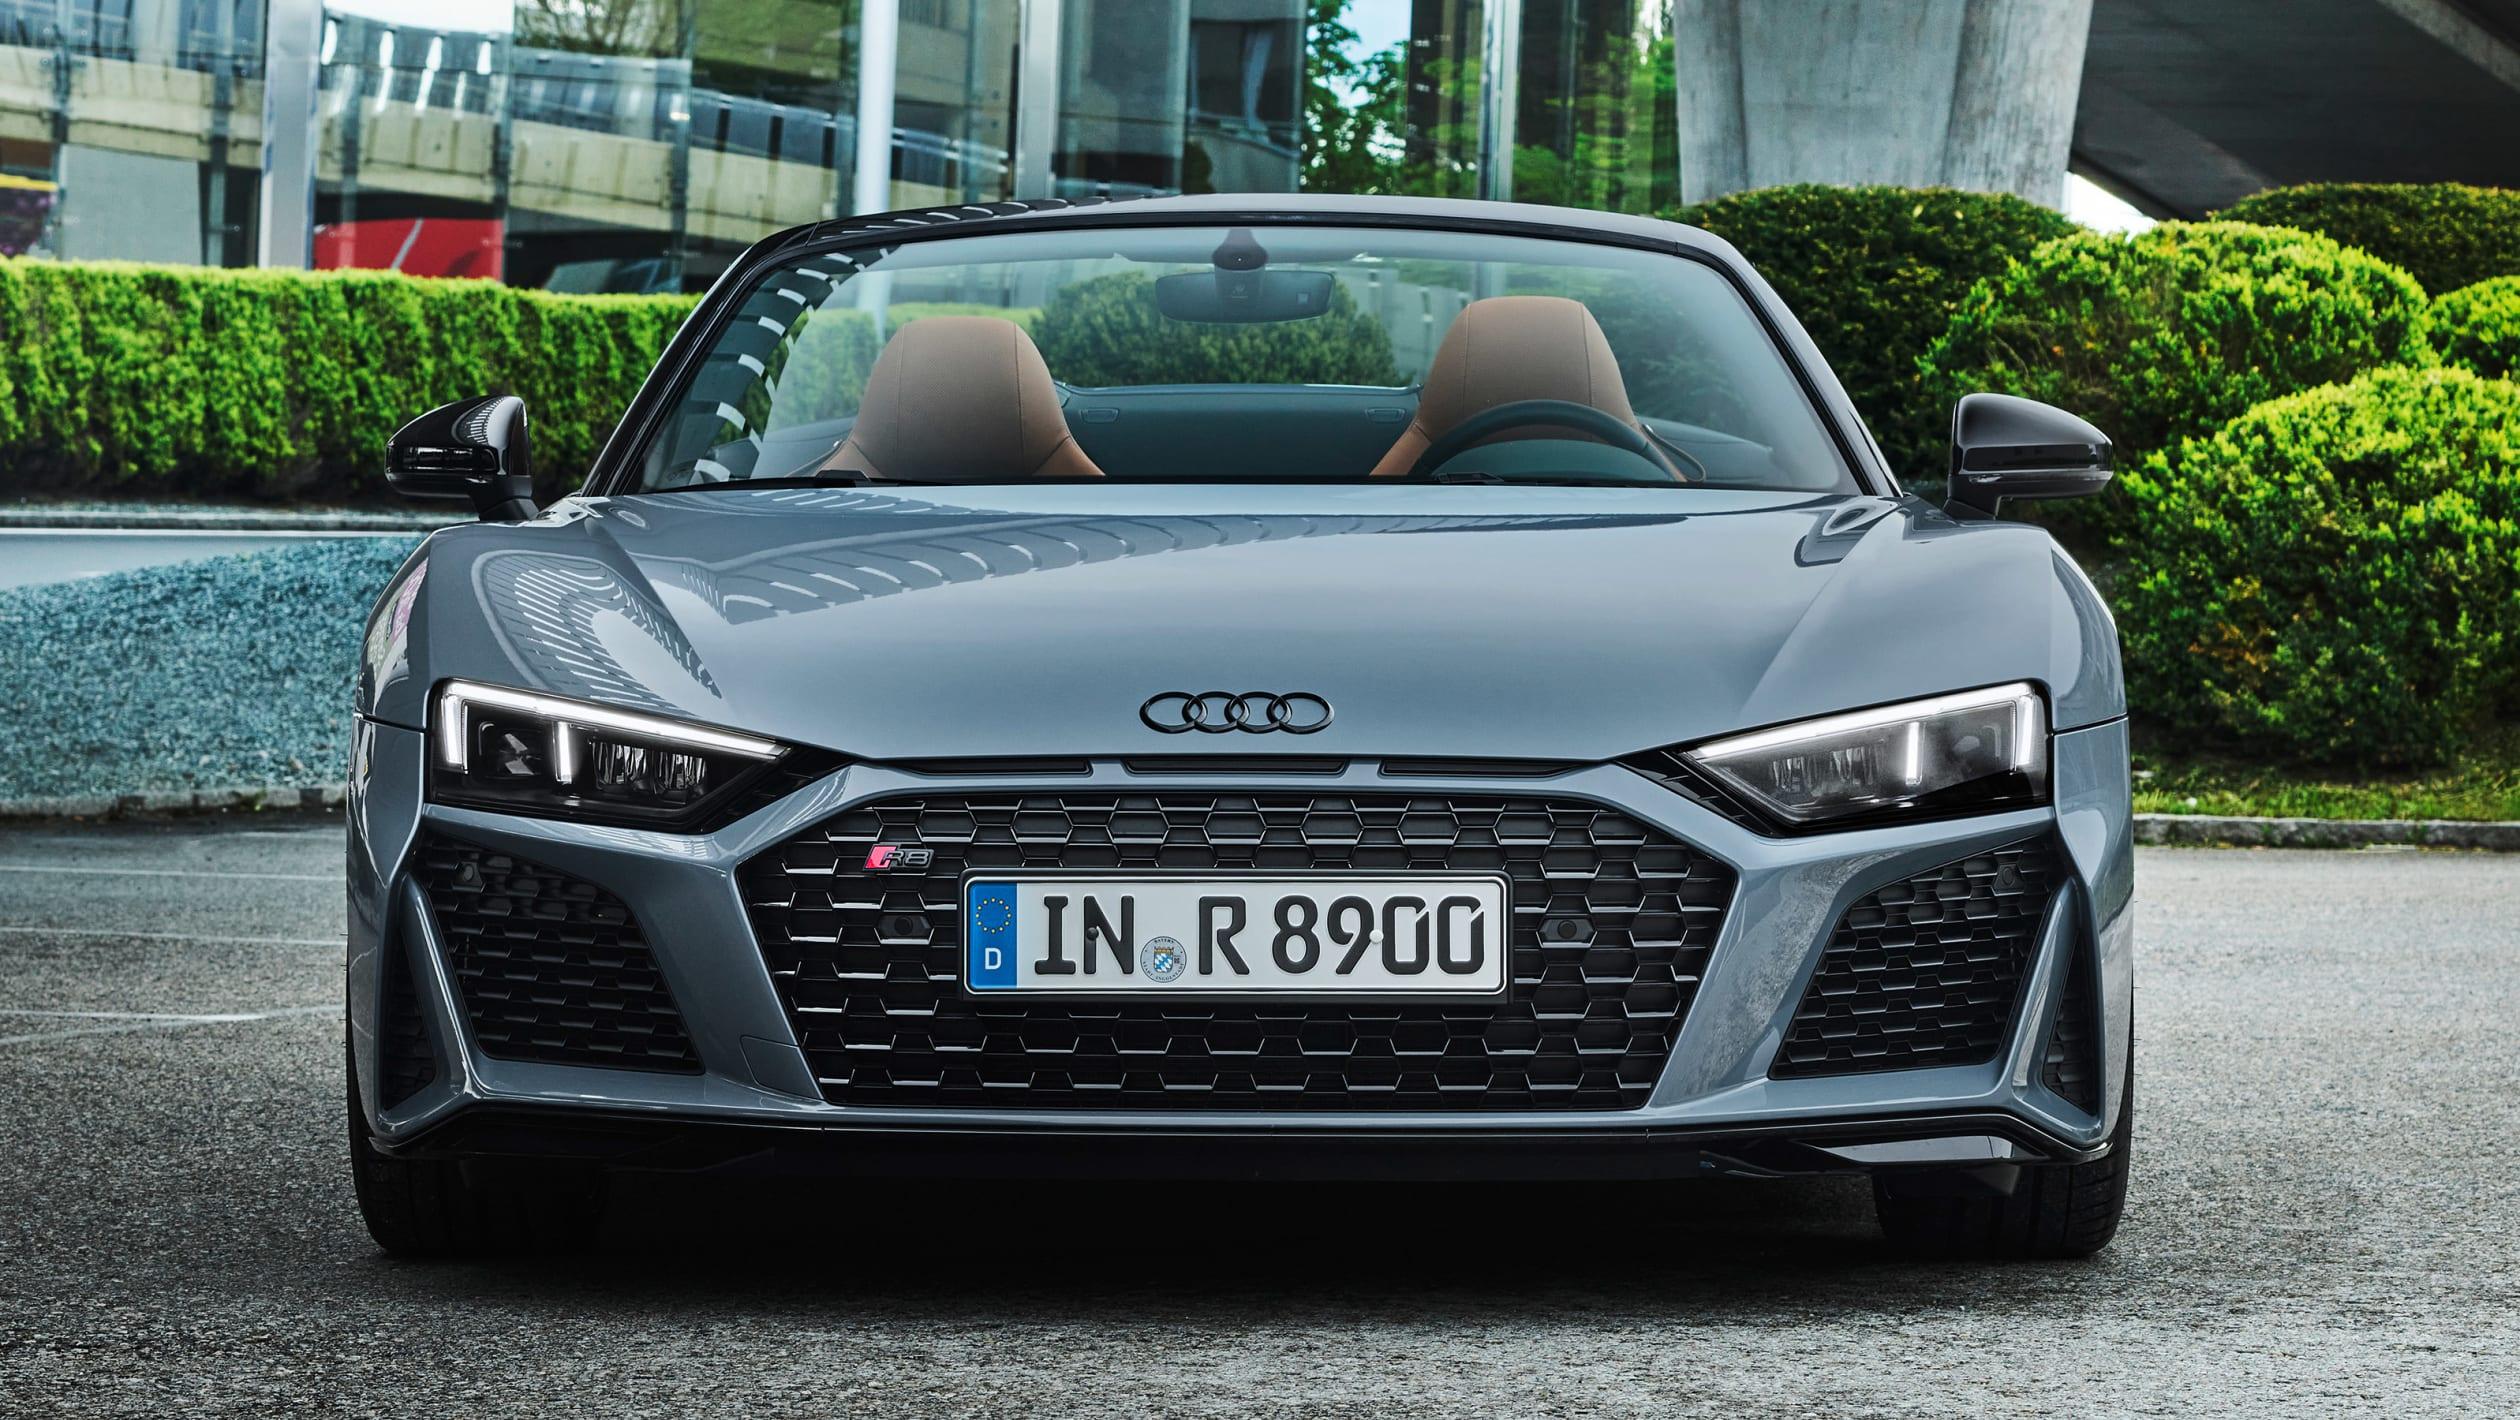 R8 V10 Performance RWD также оснащен Audi Dynamic Steering, регулируемой системой рулевого управления, которая изменяет передаточное отношение рулевого управления в зависимости от выбранного режима движения и скорости автомобиля для большей устойчиво